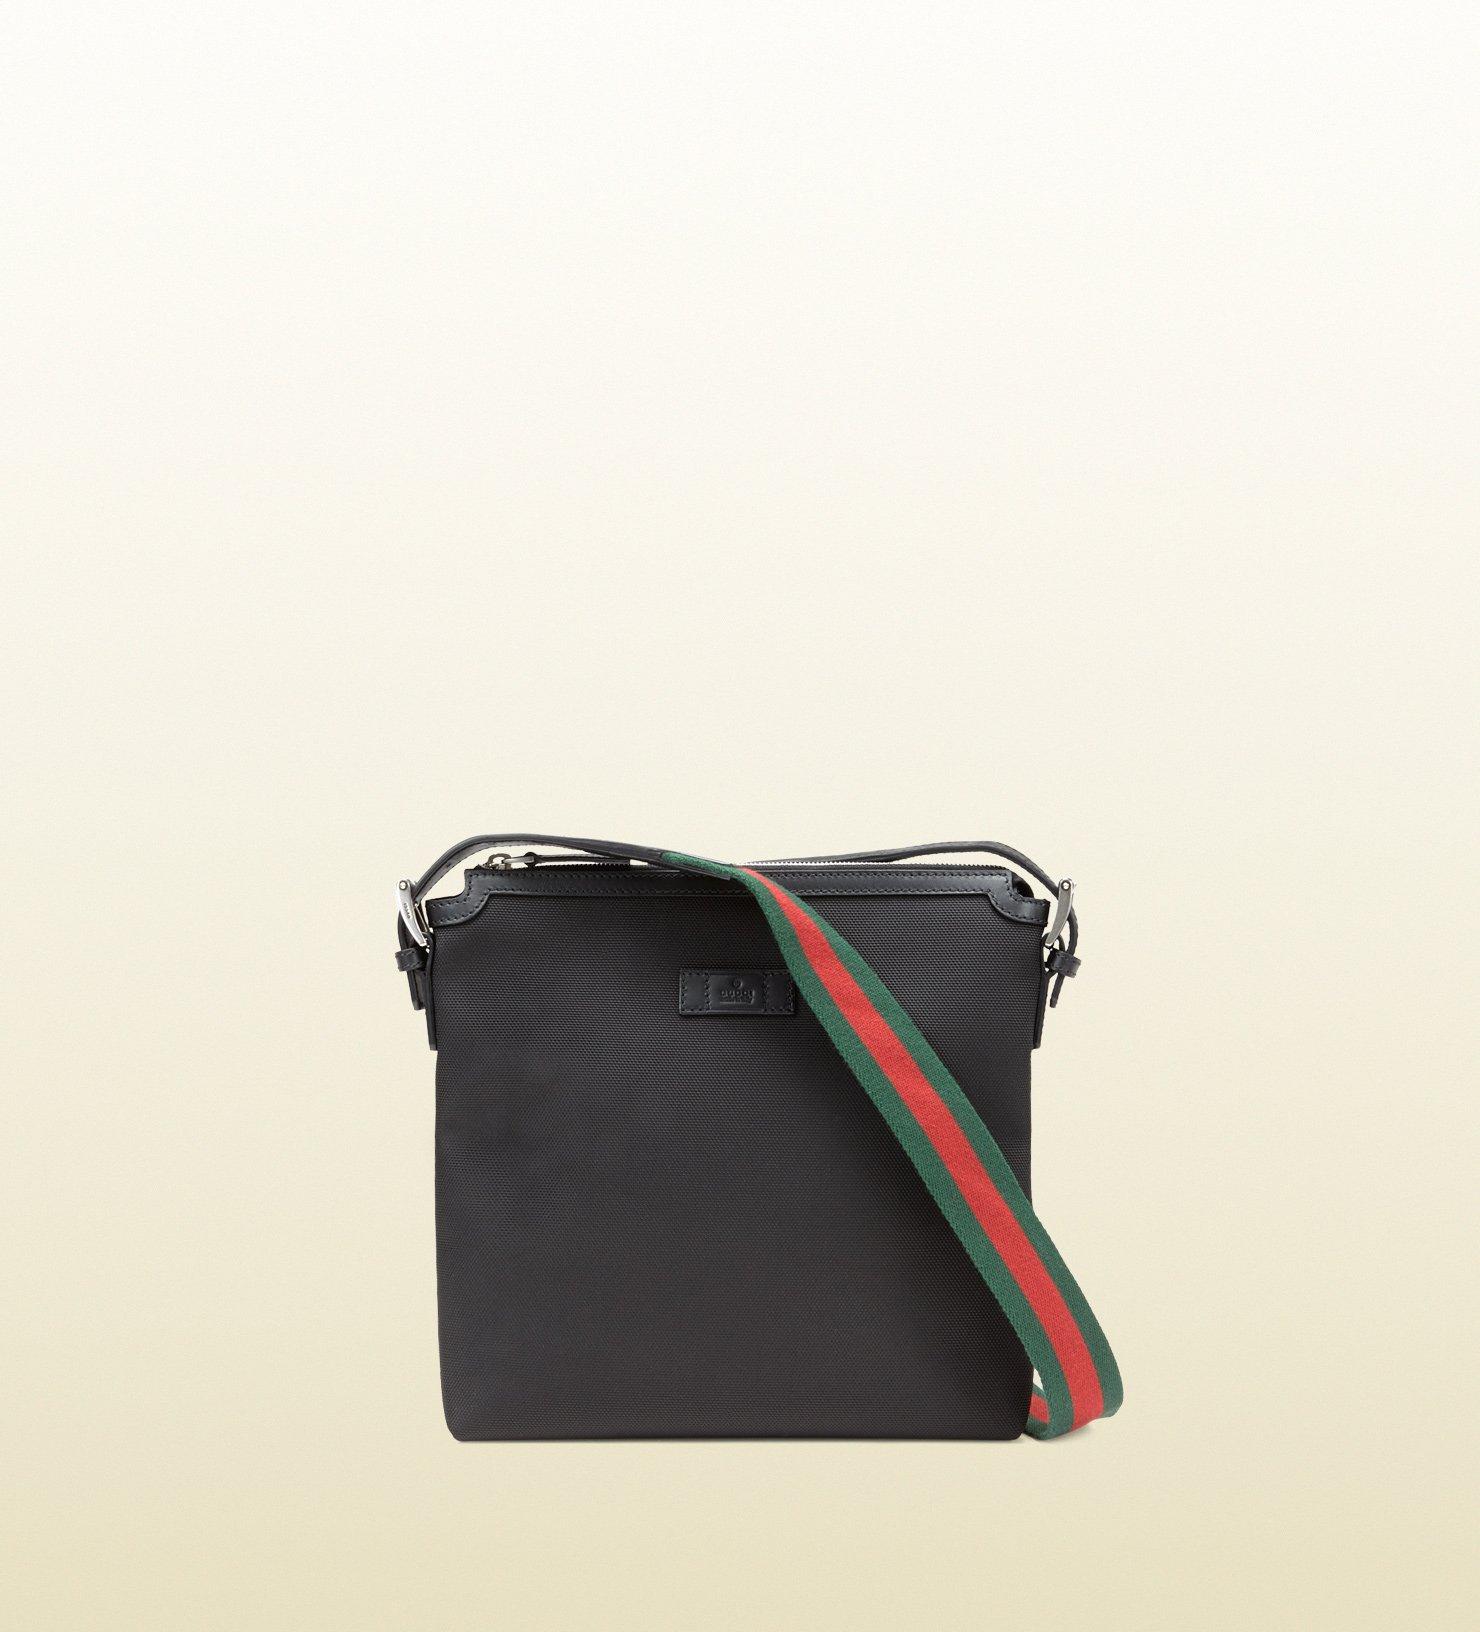 92f72f155677e9 Gucci Techno Canvas Messenger Bag in Black for Men - Lyst